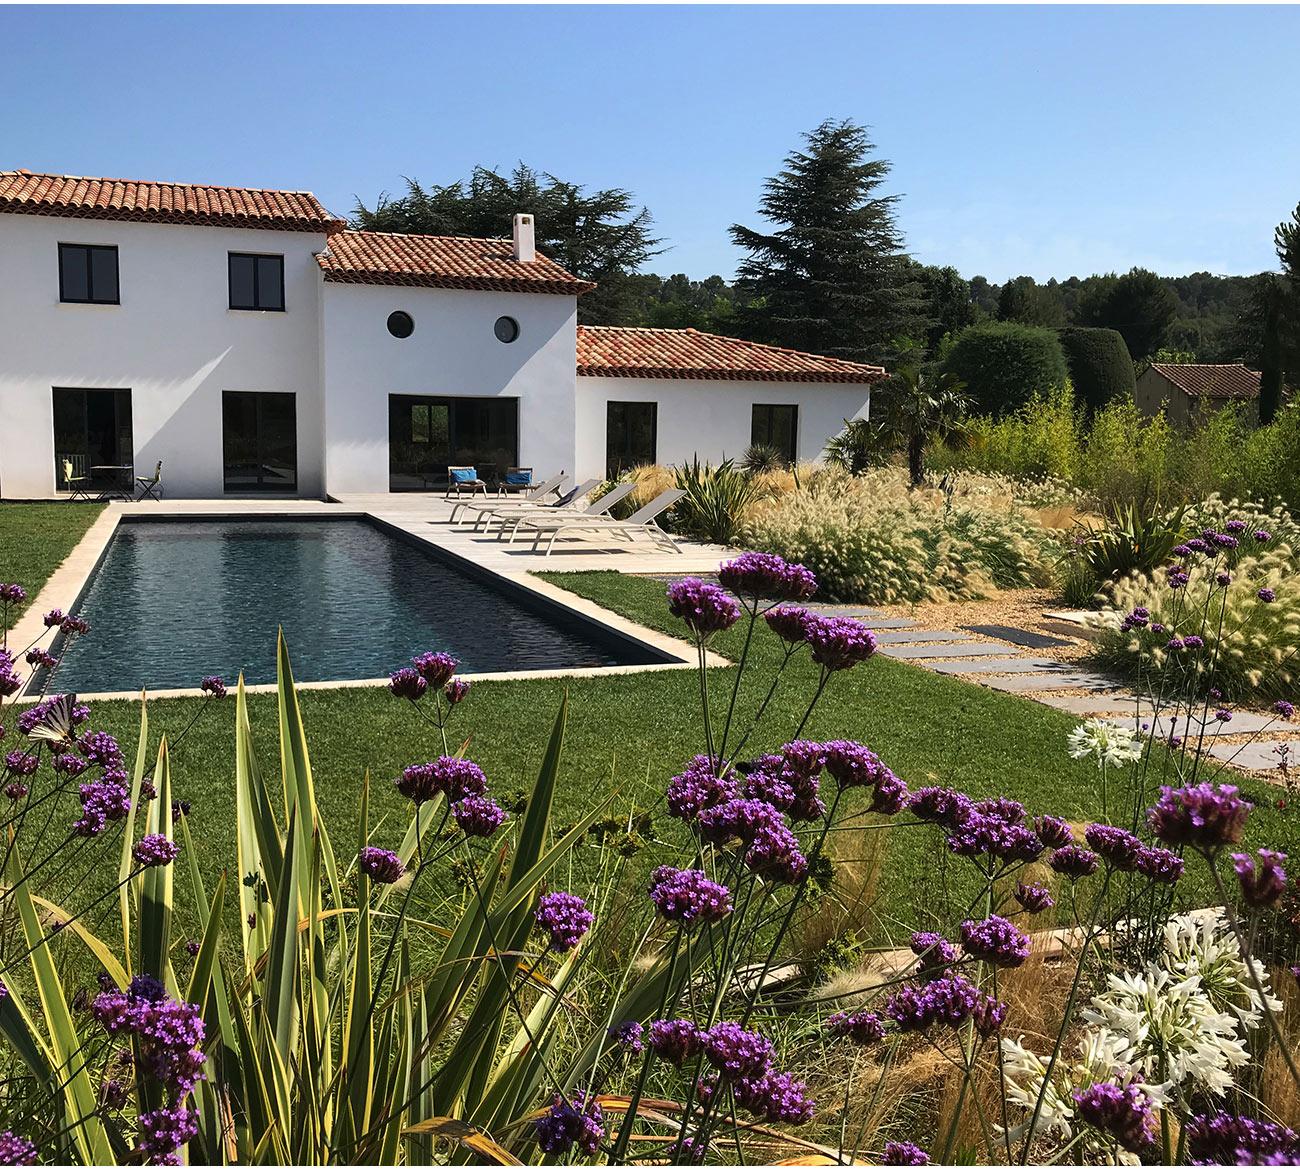 Atelier Naudier - Architecte paysagiste concepteur - Montpellier & Aix-en-Provence - JARDIN DESIGN MÉDITERRANÉEN - Aménagement jardin